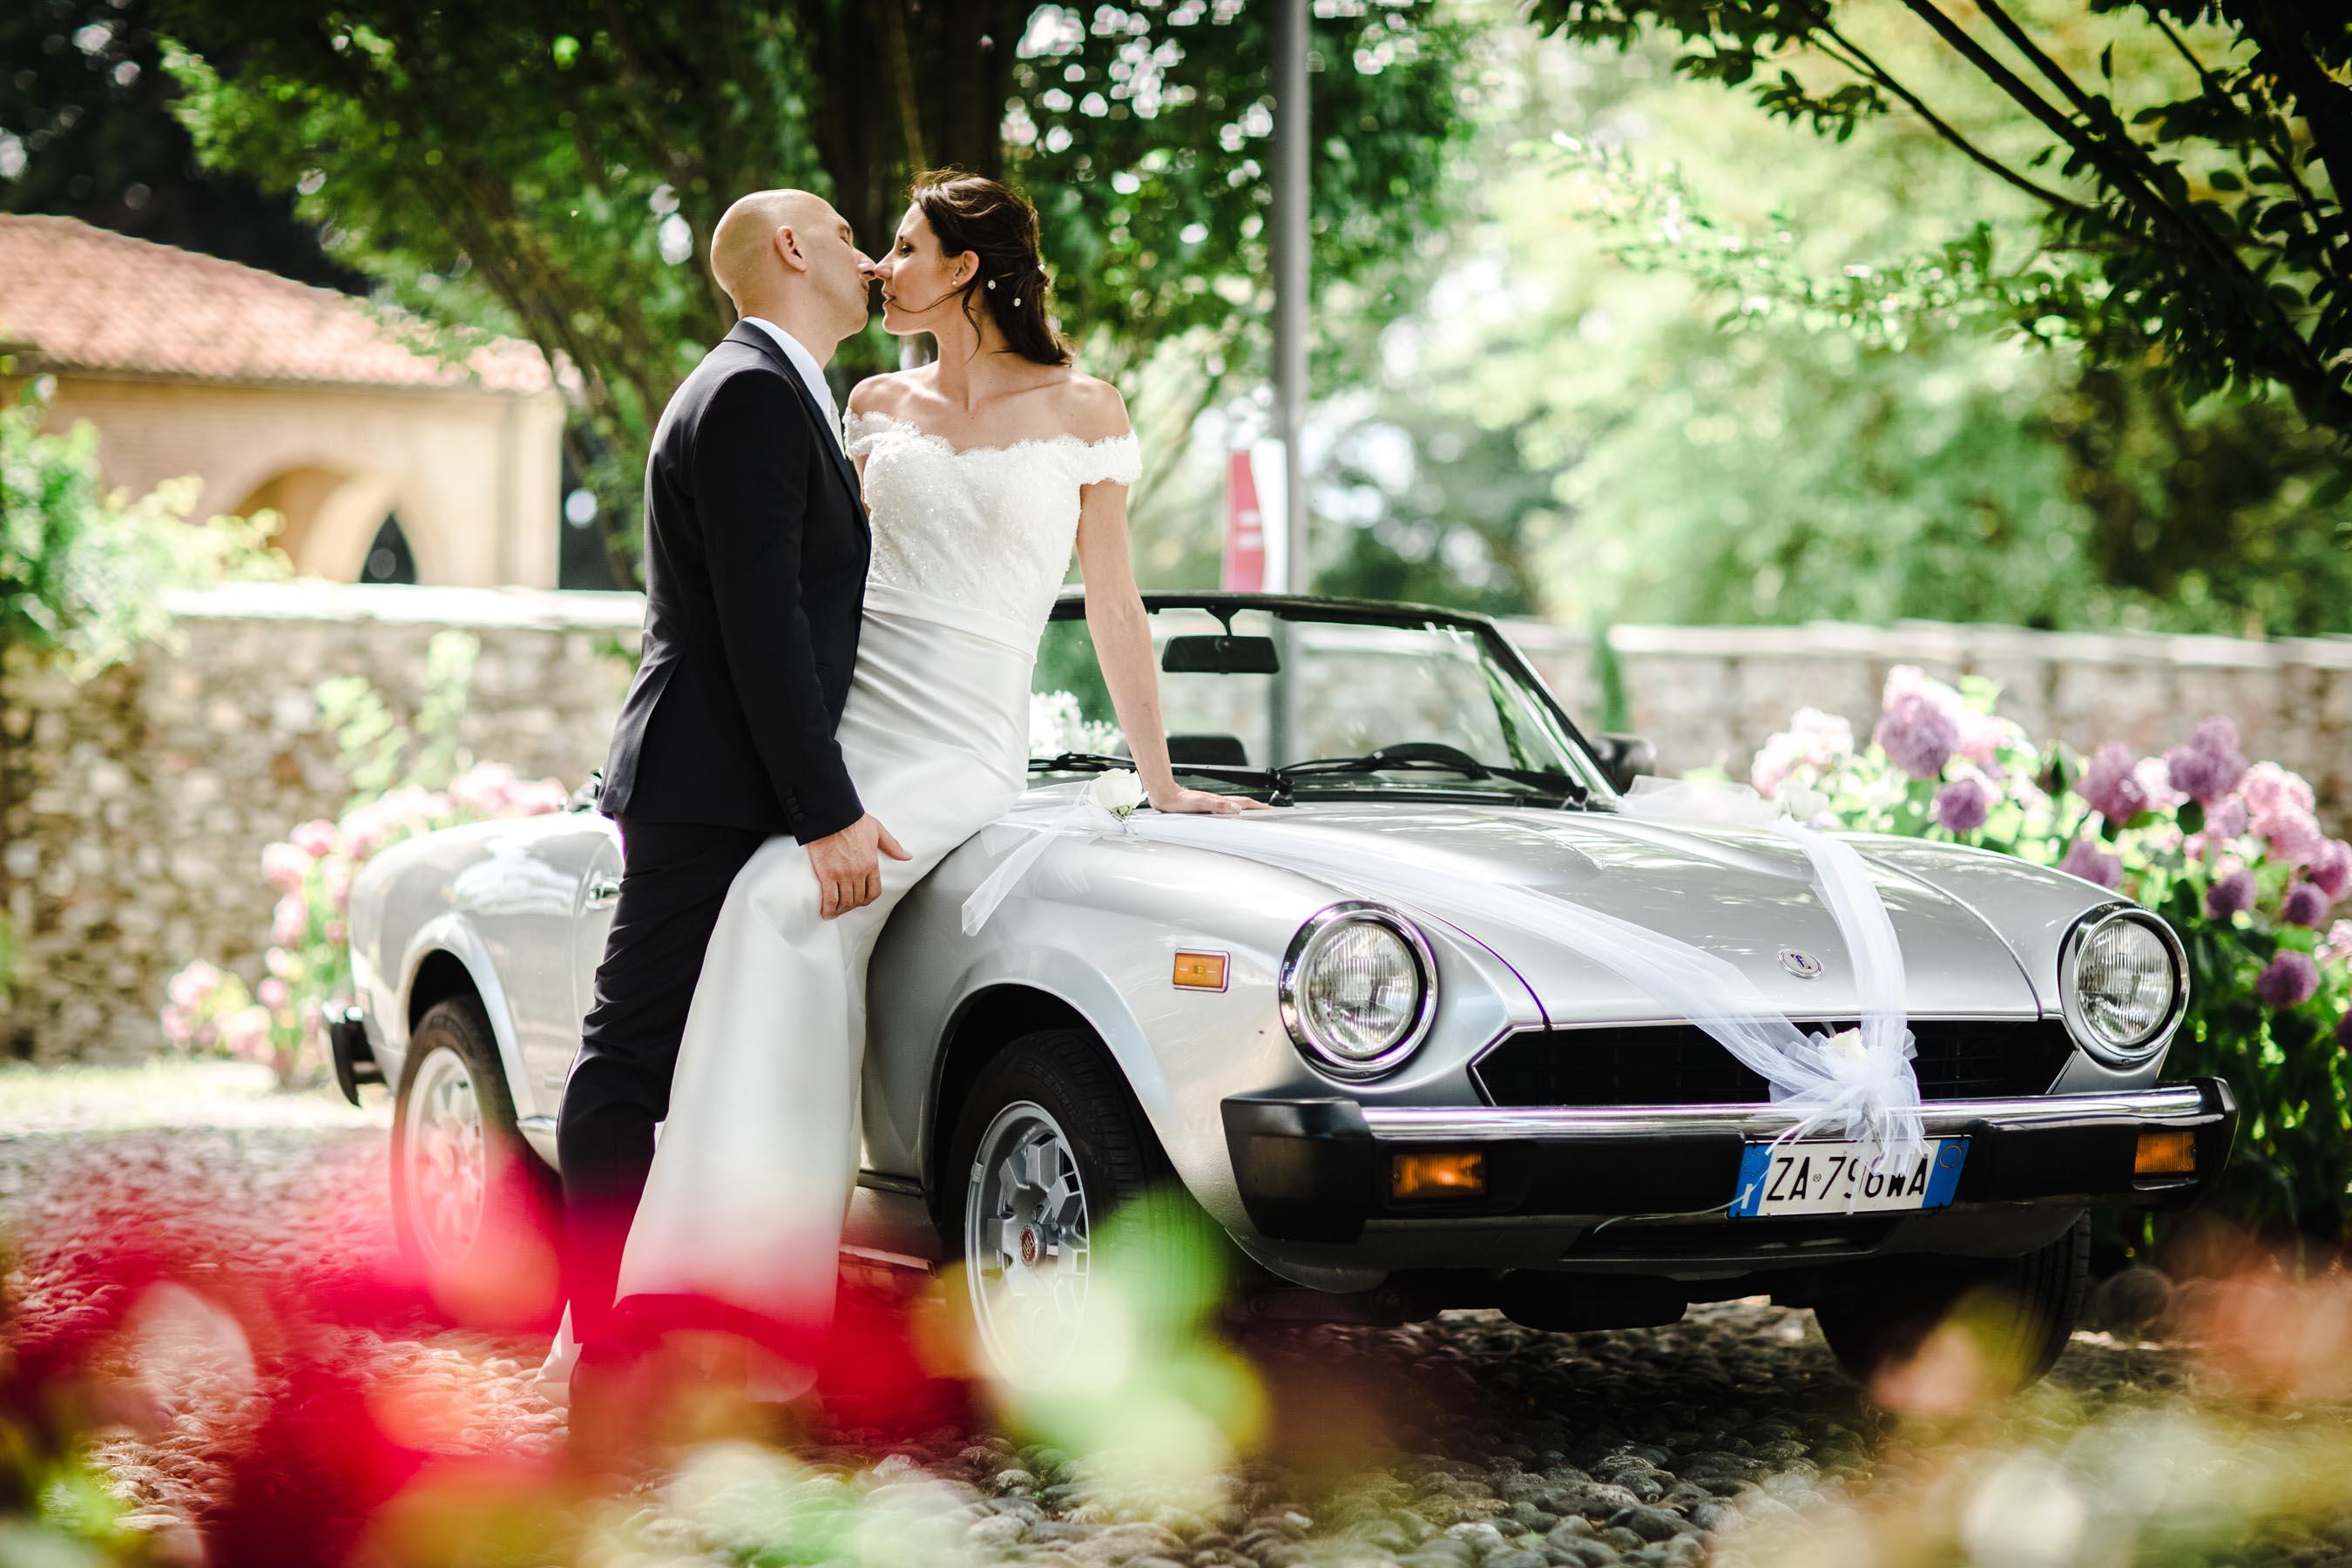 art foto_torino_monica sica photography_la vià _cavour_ fotografo matrimonio_torino-52